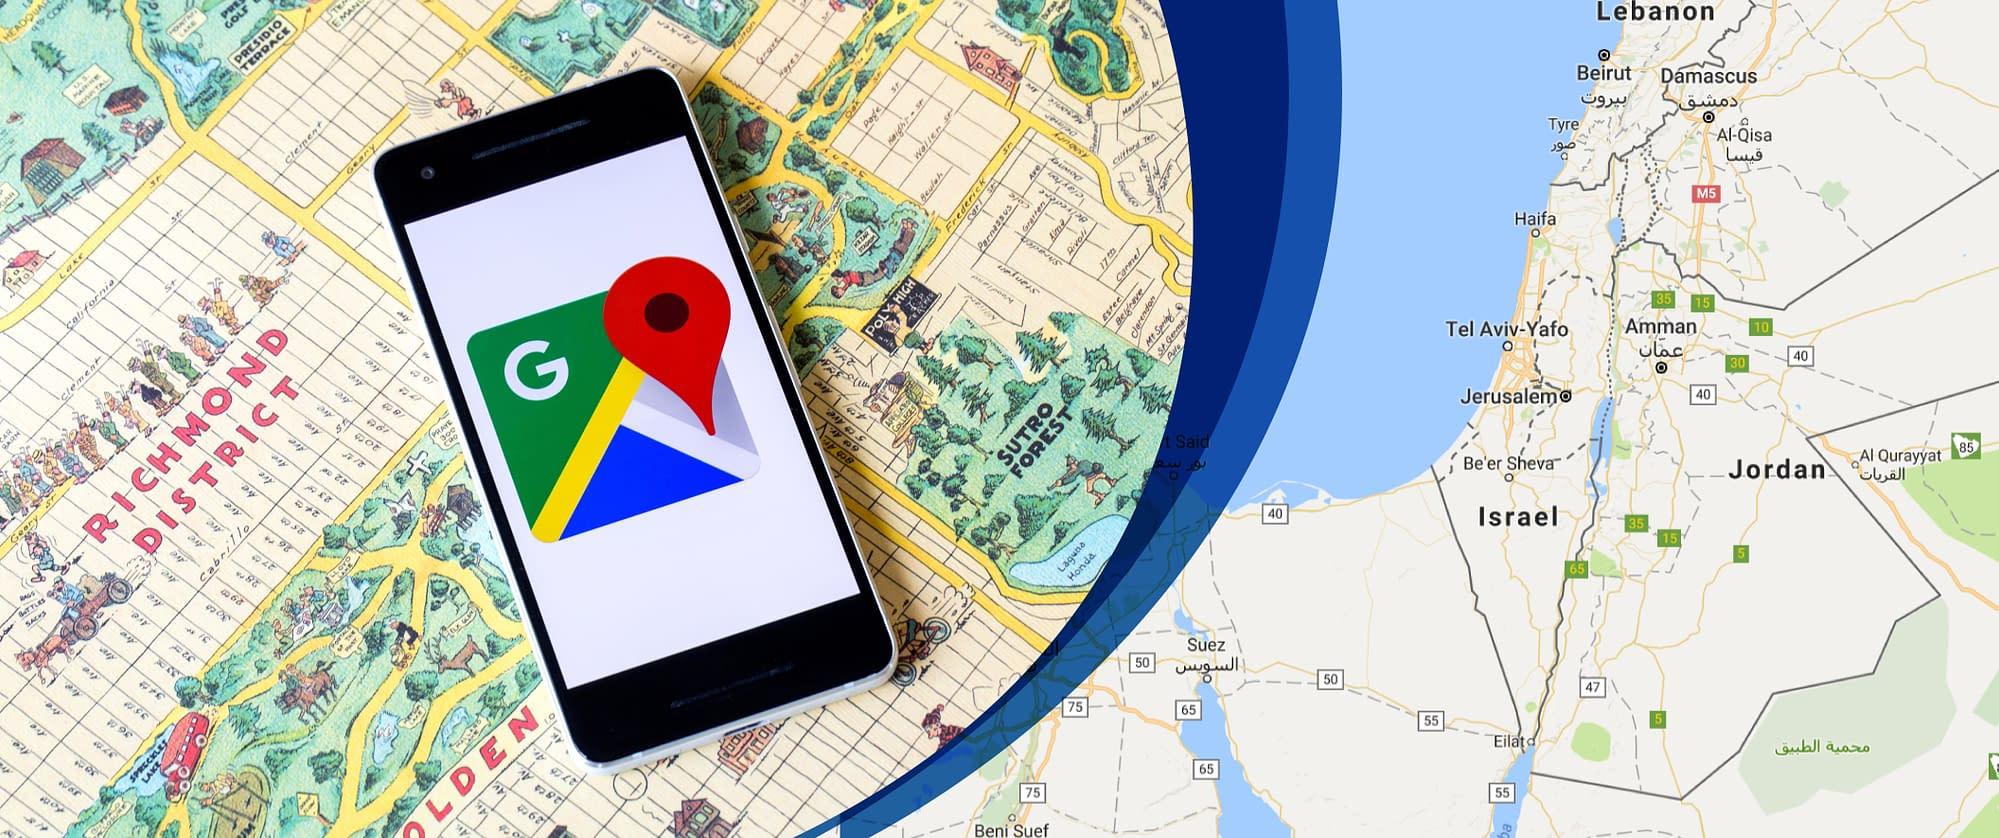 Why-Israel-Gaza-region-is-blurry-on-Google-Maps